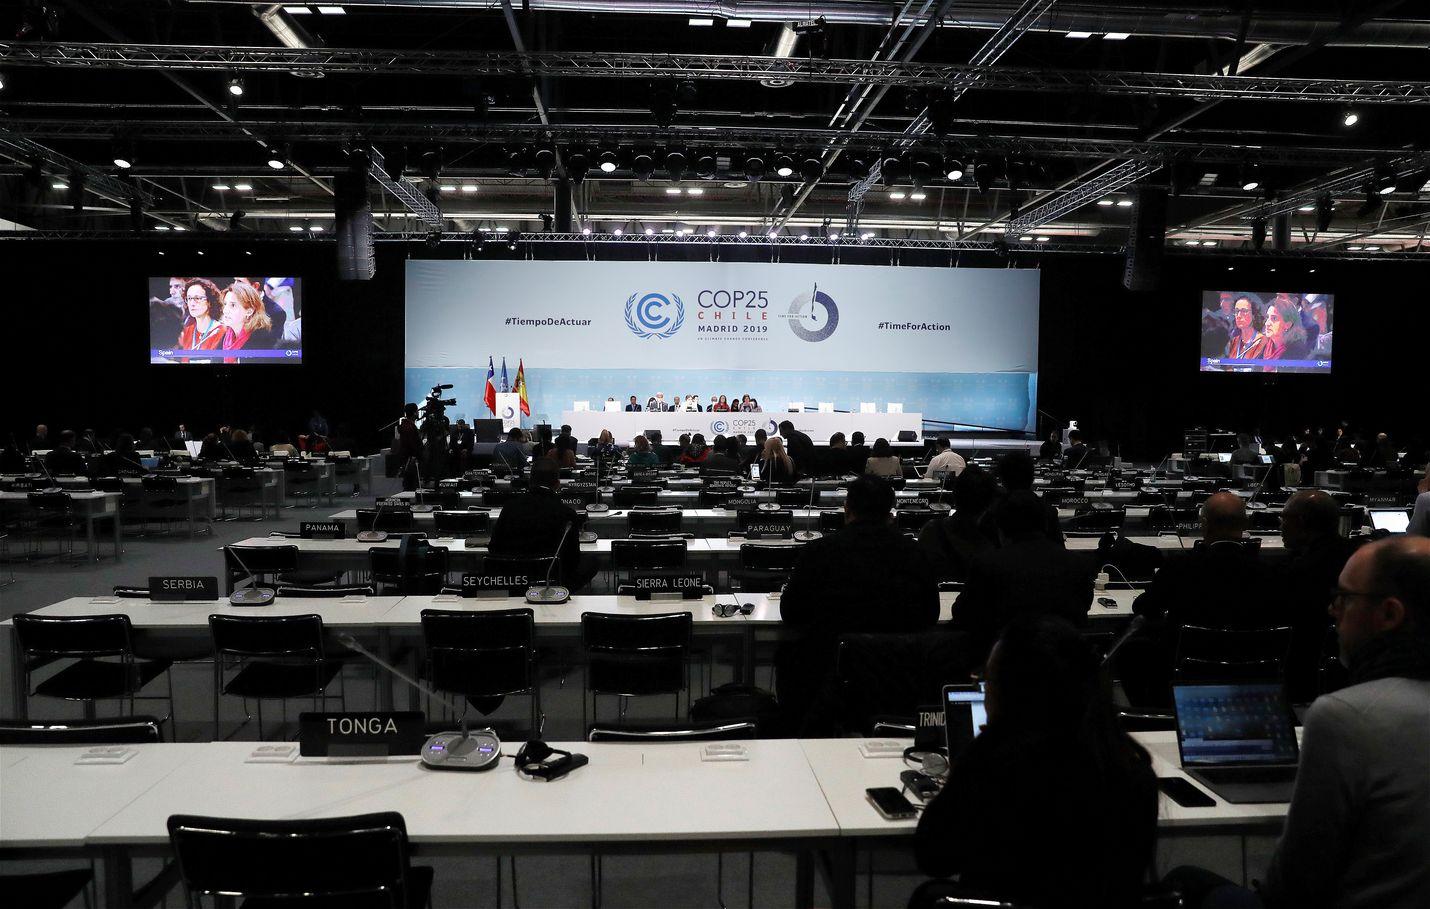 Ympäristö- ja ilmastoministeri Krista Mikkonen sanoo olevansa pahoillaan, että kansainvälinen yhteisö ei pystynyt päättäväisemmin vastaamaan kansalaisten ilmastohuoleen ja tieteen viestiin. Kuva kokouksesta.